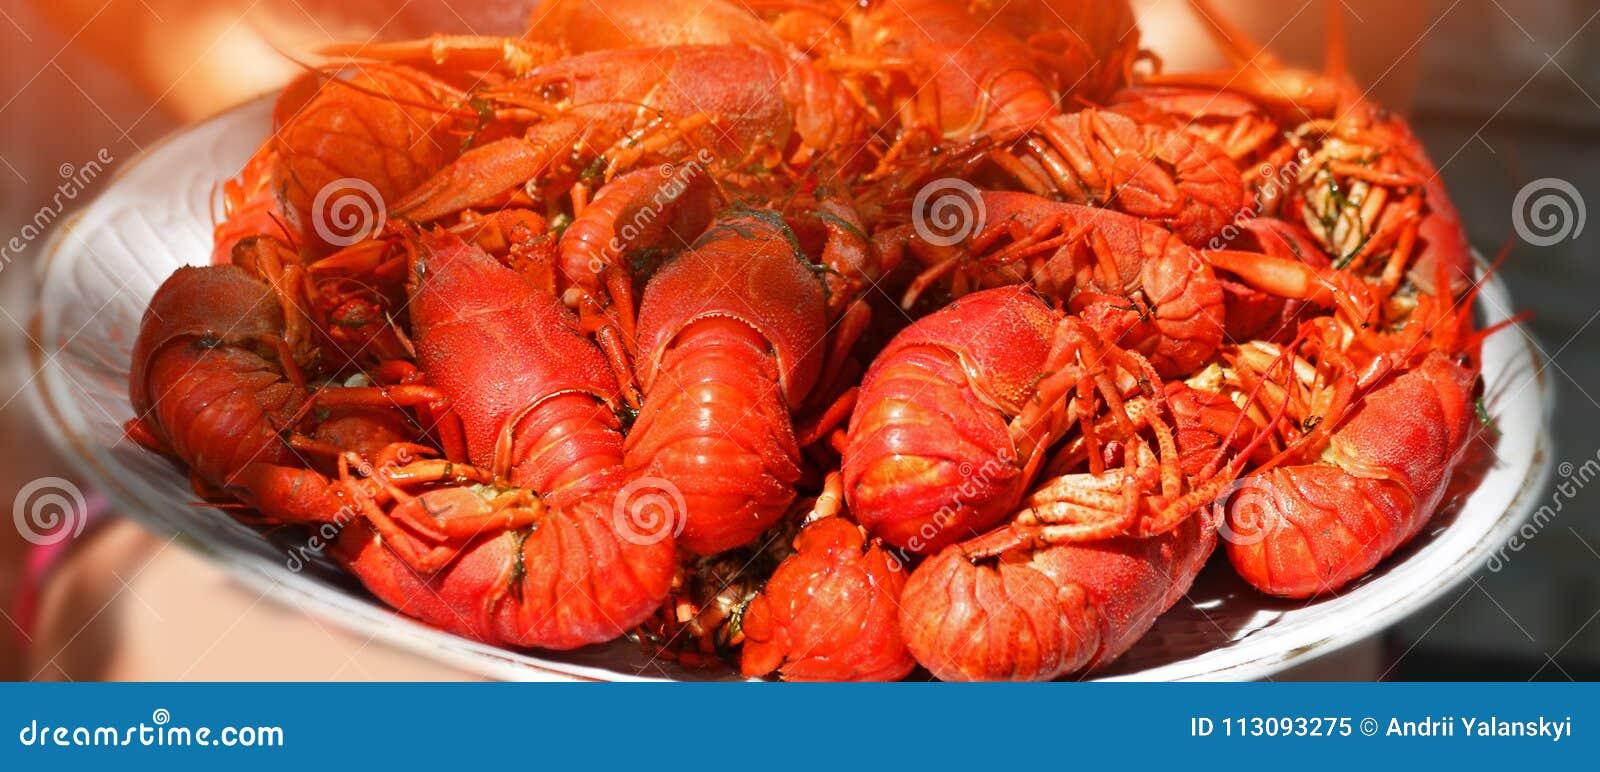 Placa grande del primer hervido sabroso de los cangrejos, mariscos